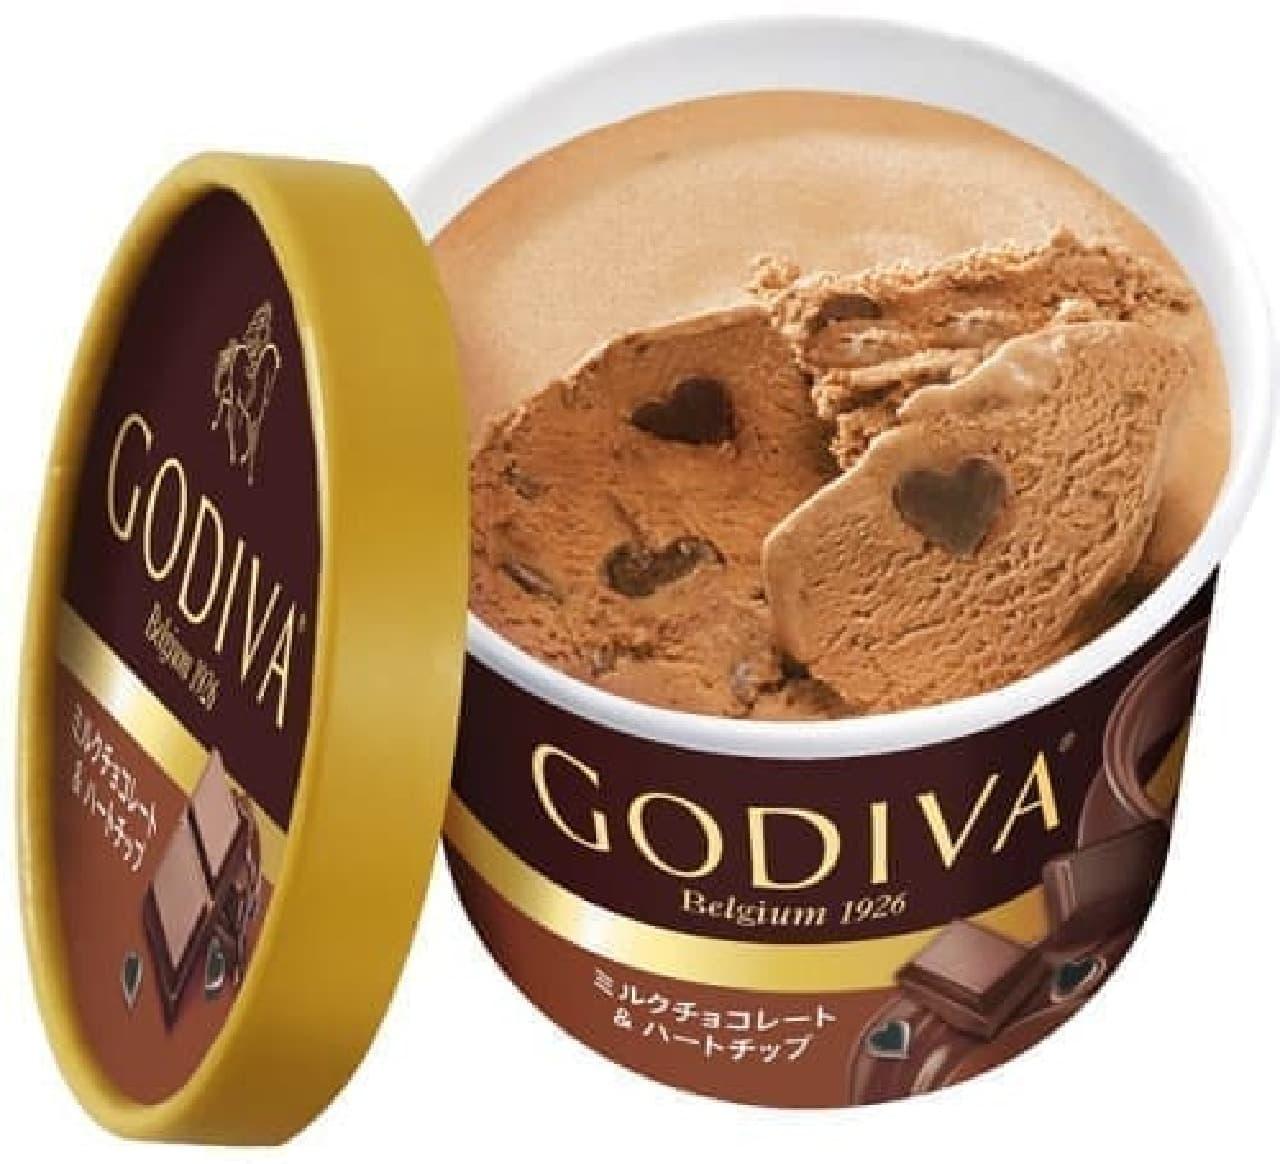 ゴディバ「カップアイス ミルクチョコレート&ハートチップ」